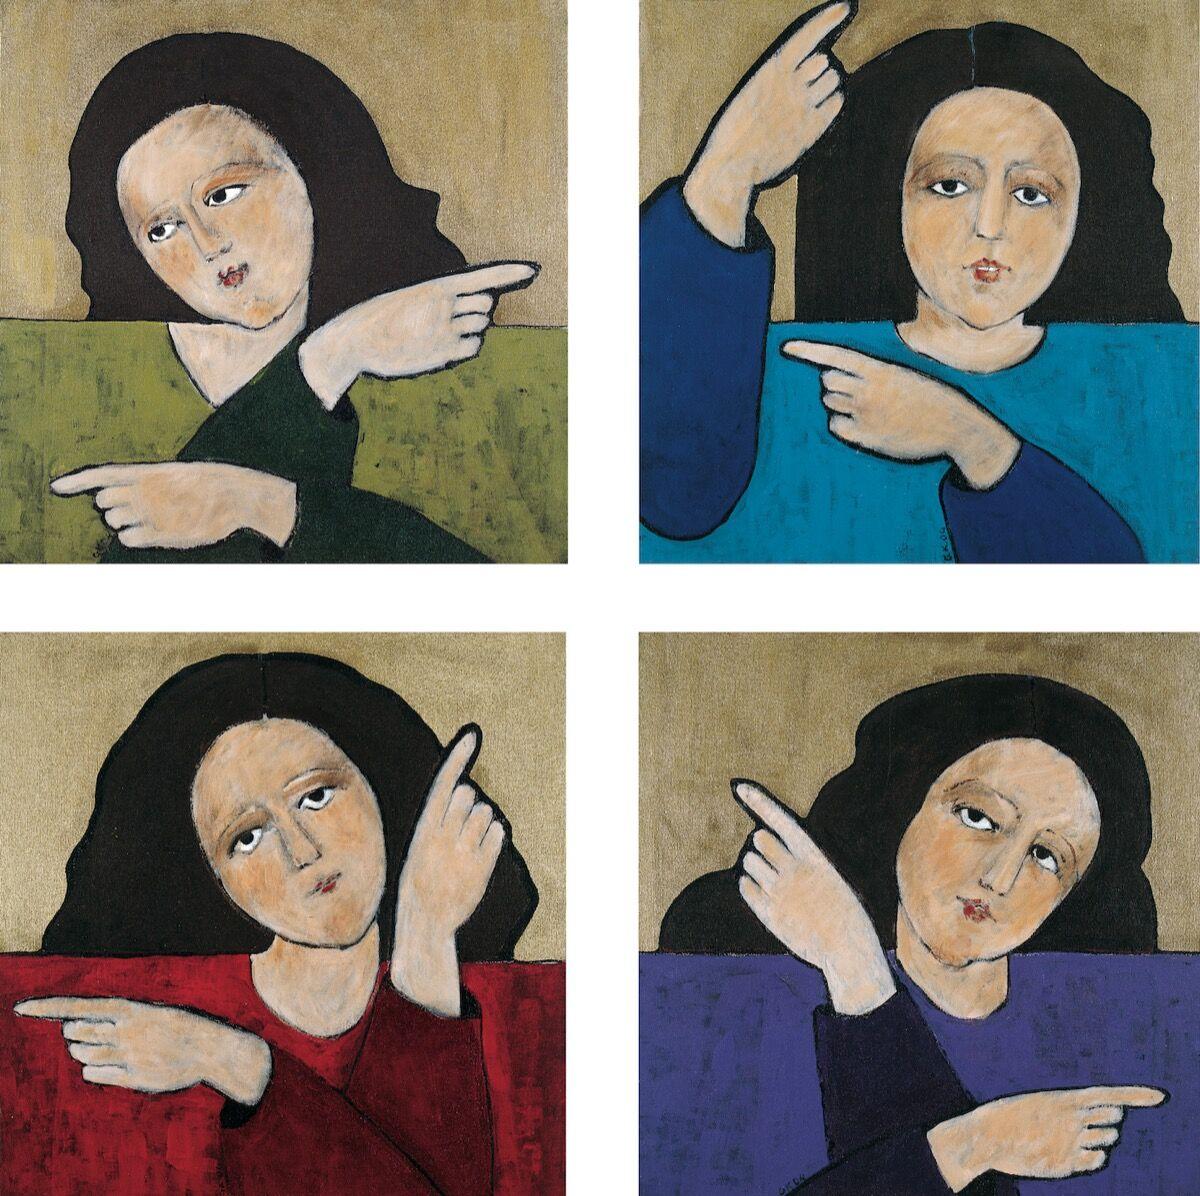 Gülsün Karamustafa, Promised Paintings, 2004. Courtesy of the artist.